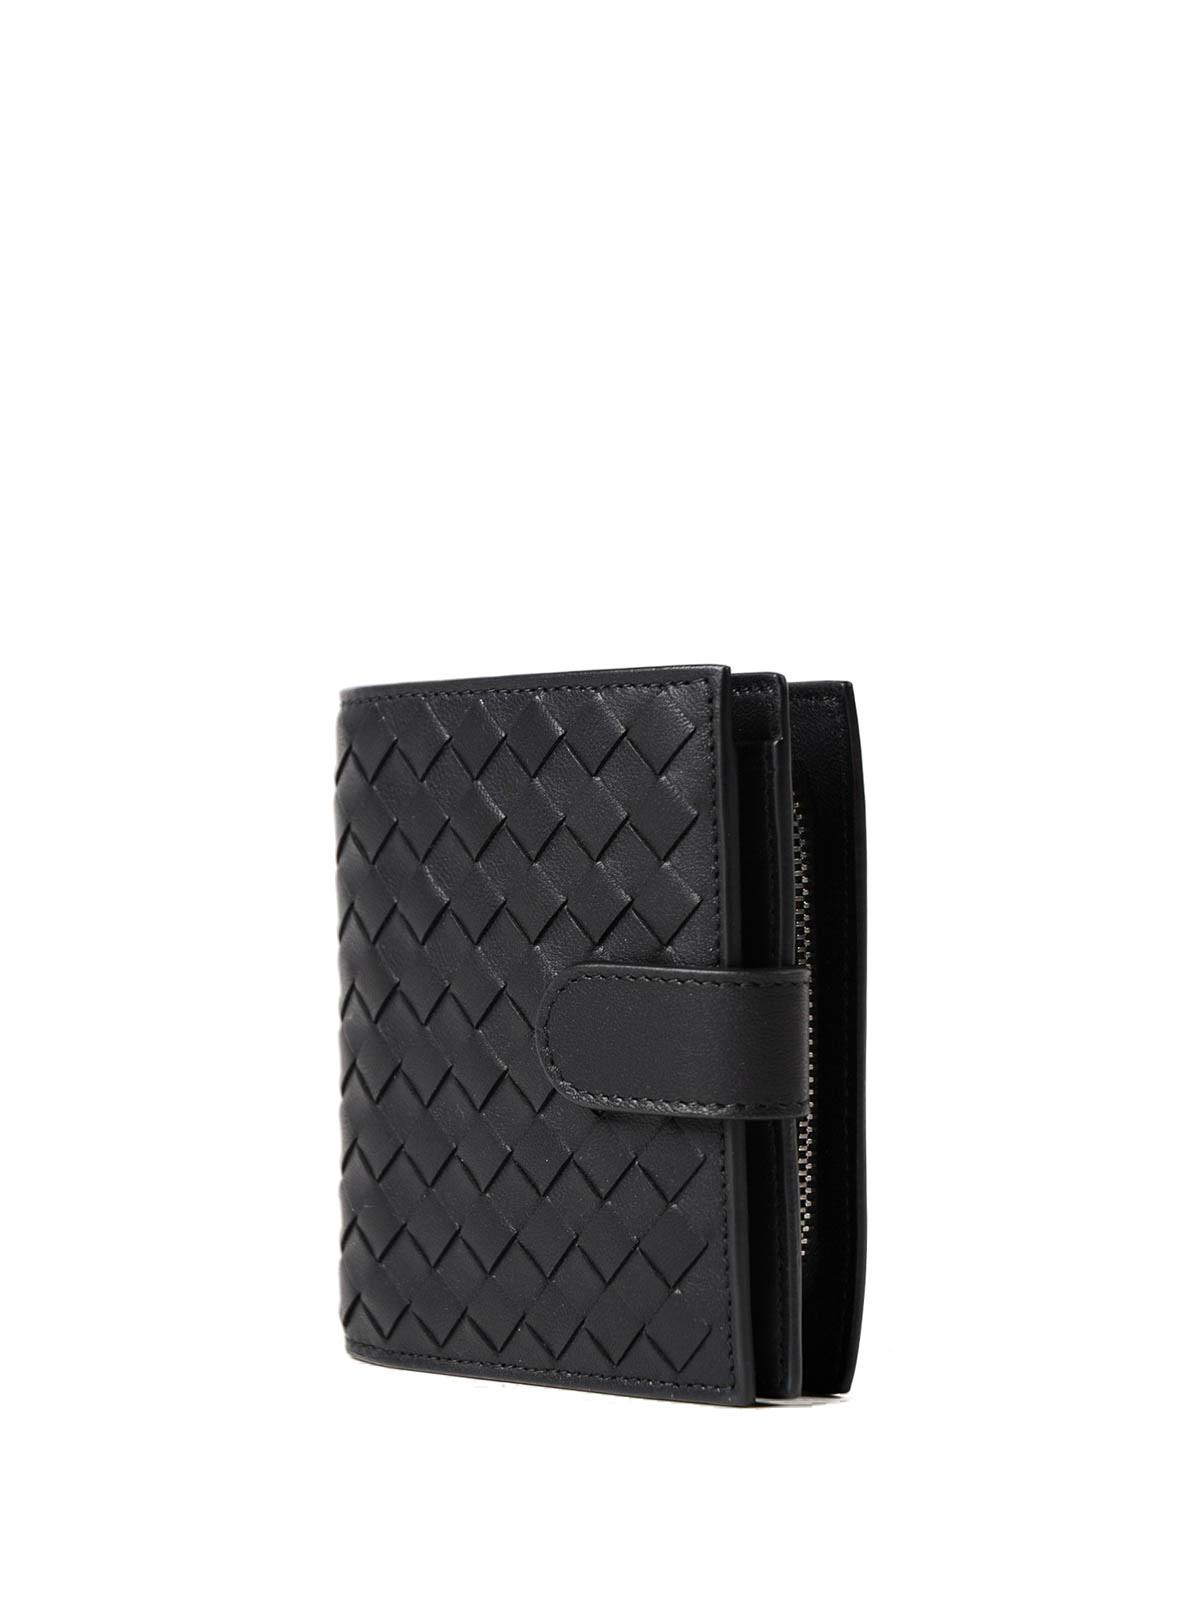 2ec106ef27 BOTTEGA VENETA: portafogli online - Portafoglio mini Intrecciato nero